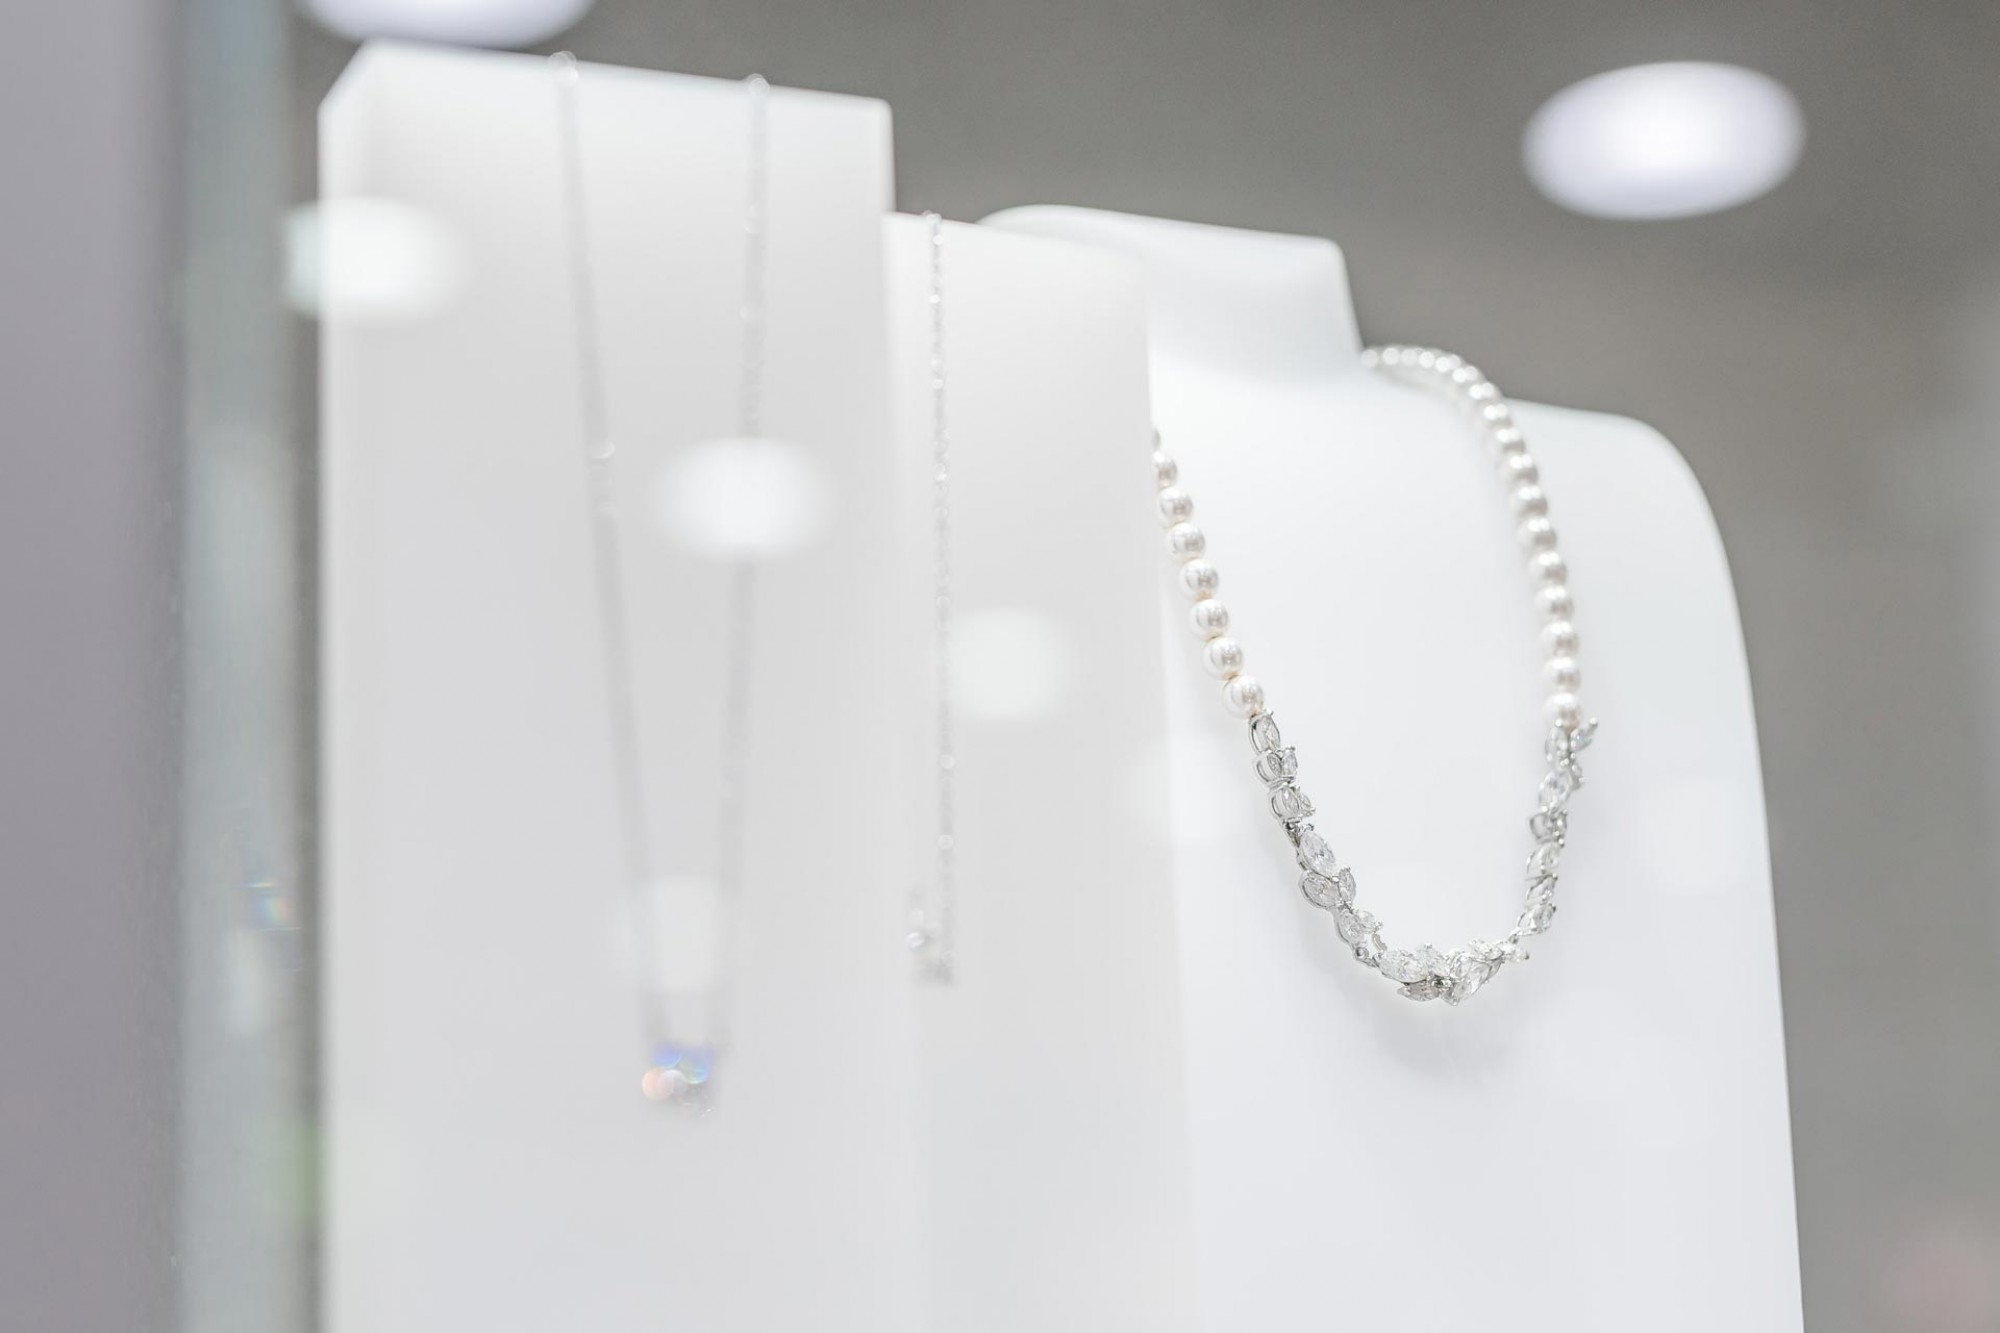 eurobijoux gioielleria collane perle gioielli oro argento